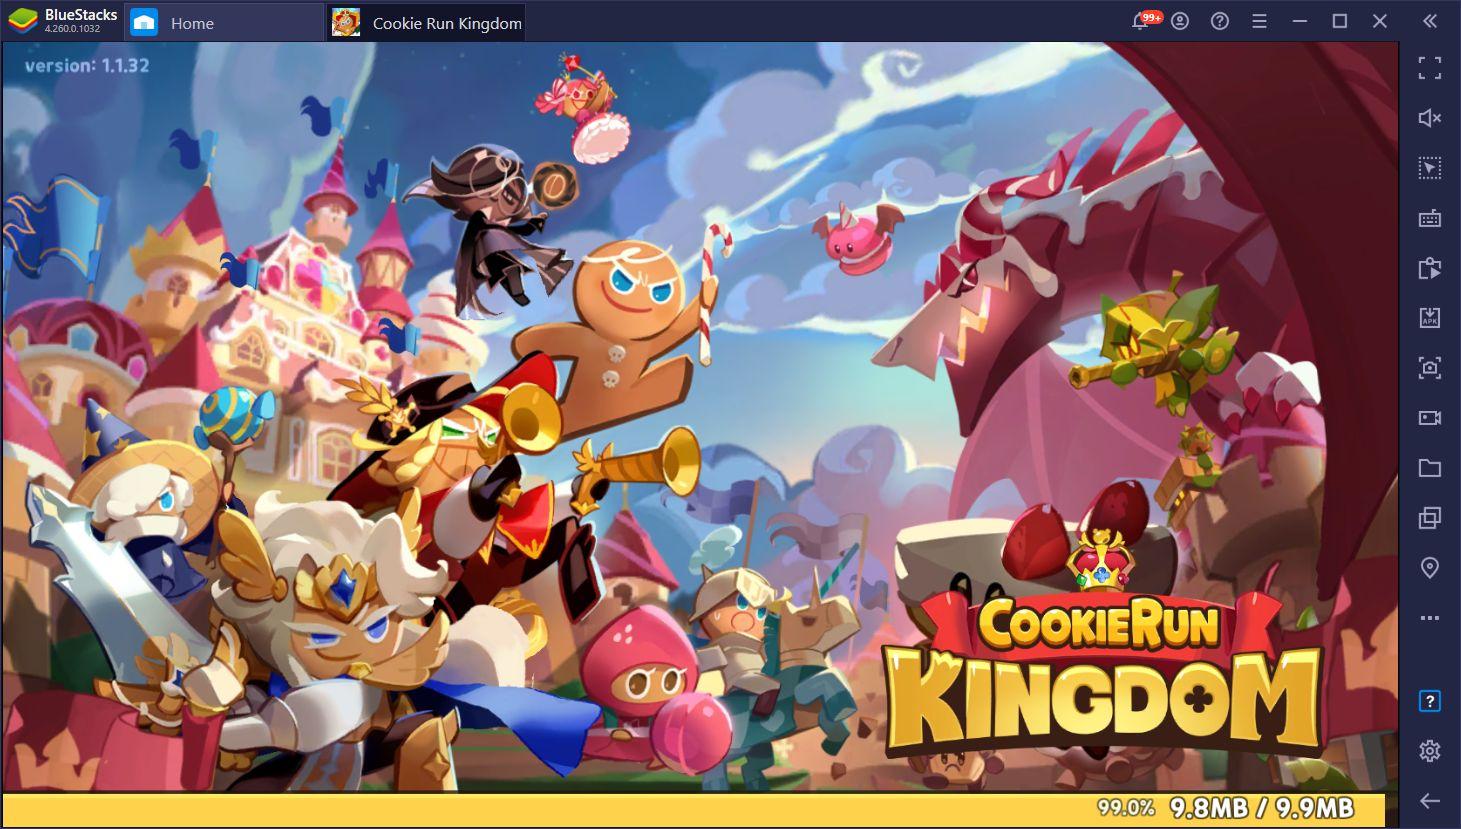 لعبة Cookie Run: Kingdom دليل للمبتدئين مع نصائح وحيل وإستراتيجيات للاعبين الجدد